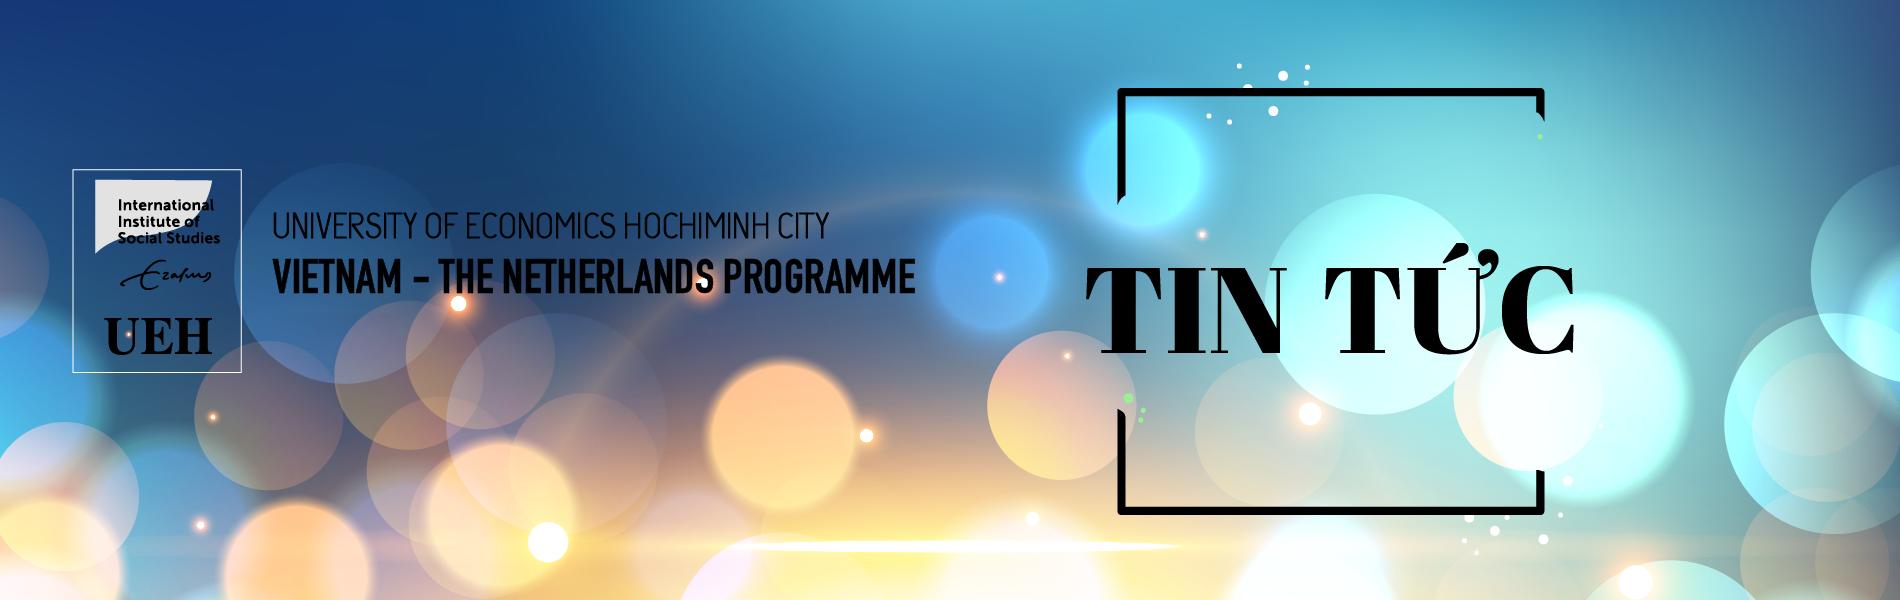 Triển khai chương trình liên kết đào tạo Tiến sĩ giữa Trường Đại học Kinh tế TP. Hồ Chí Minh, Việt Nam và Trường Đại học Erasmus Rotterdam, Hà Lan